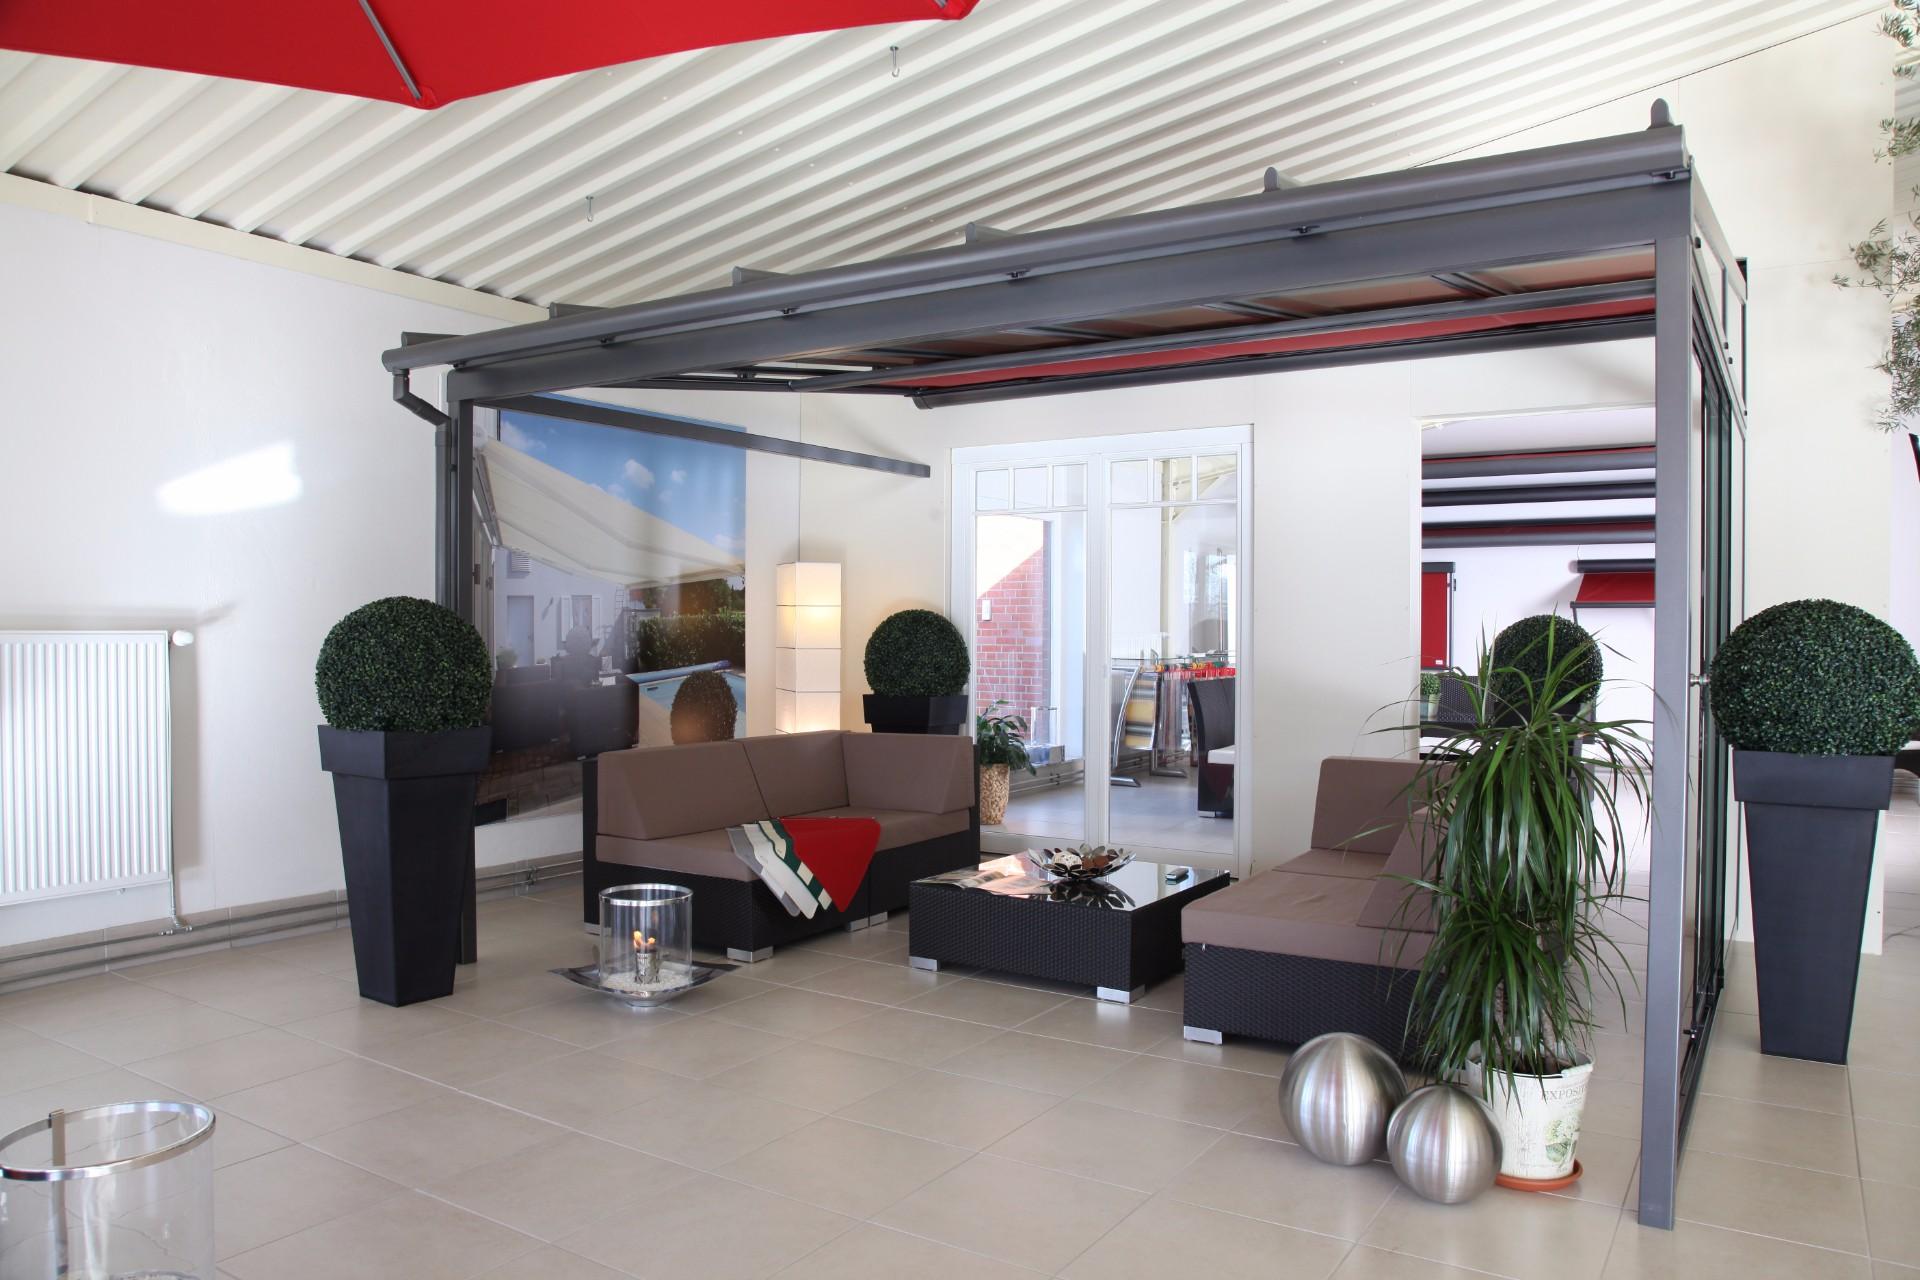 r nnfeld rollladen und markisen gmbh in quickborn branchenbuch deutschland. Black Bedroom Furniture Sets. Home Design Ideas